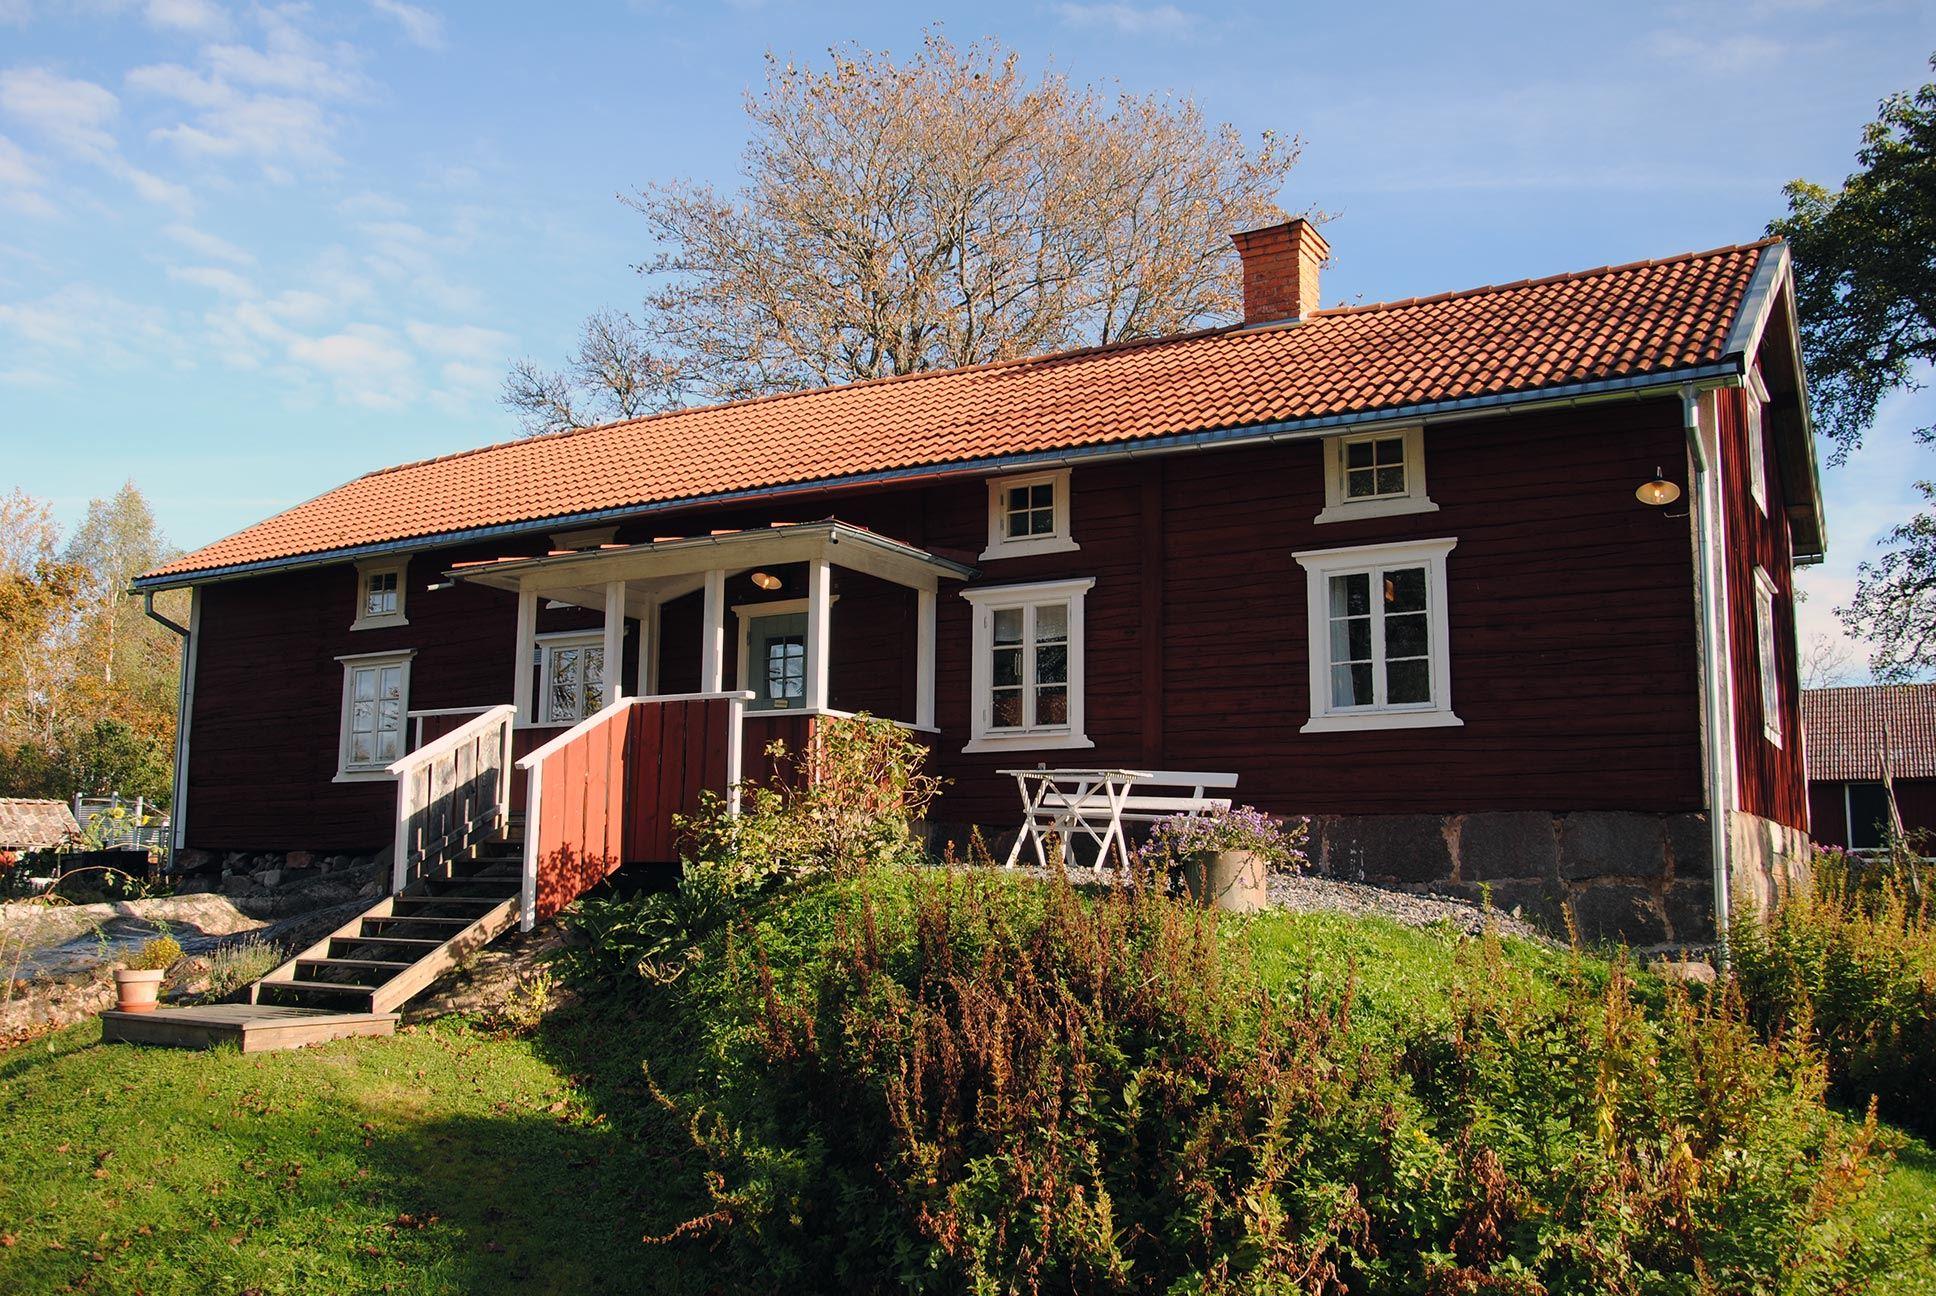 07-122 Gabriellagården, Vikbolandet